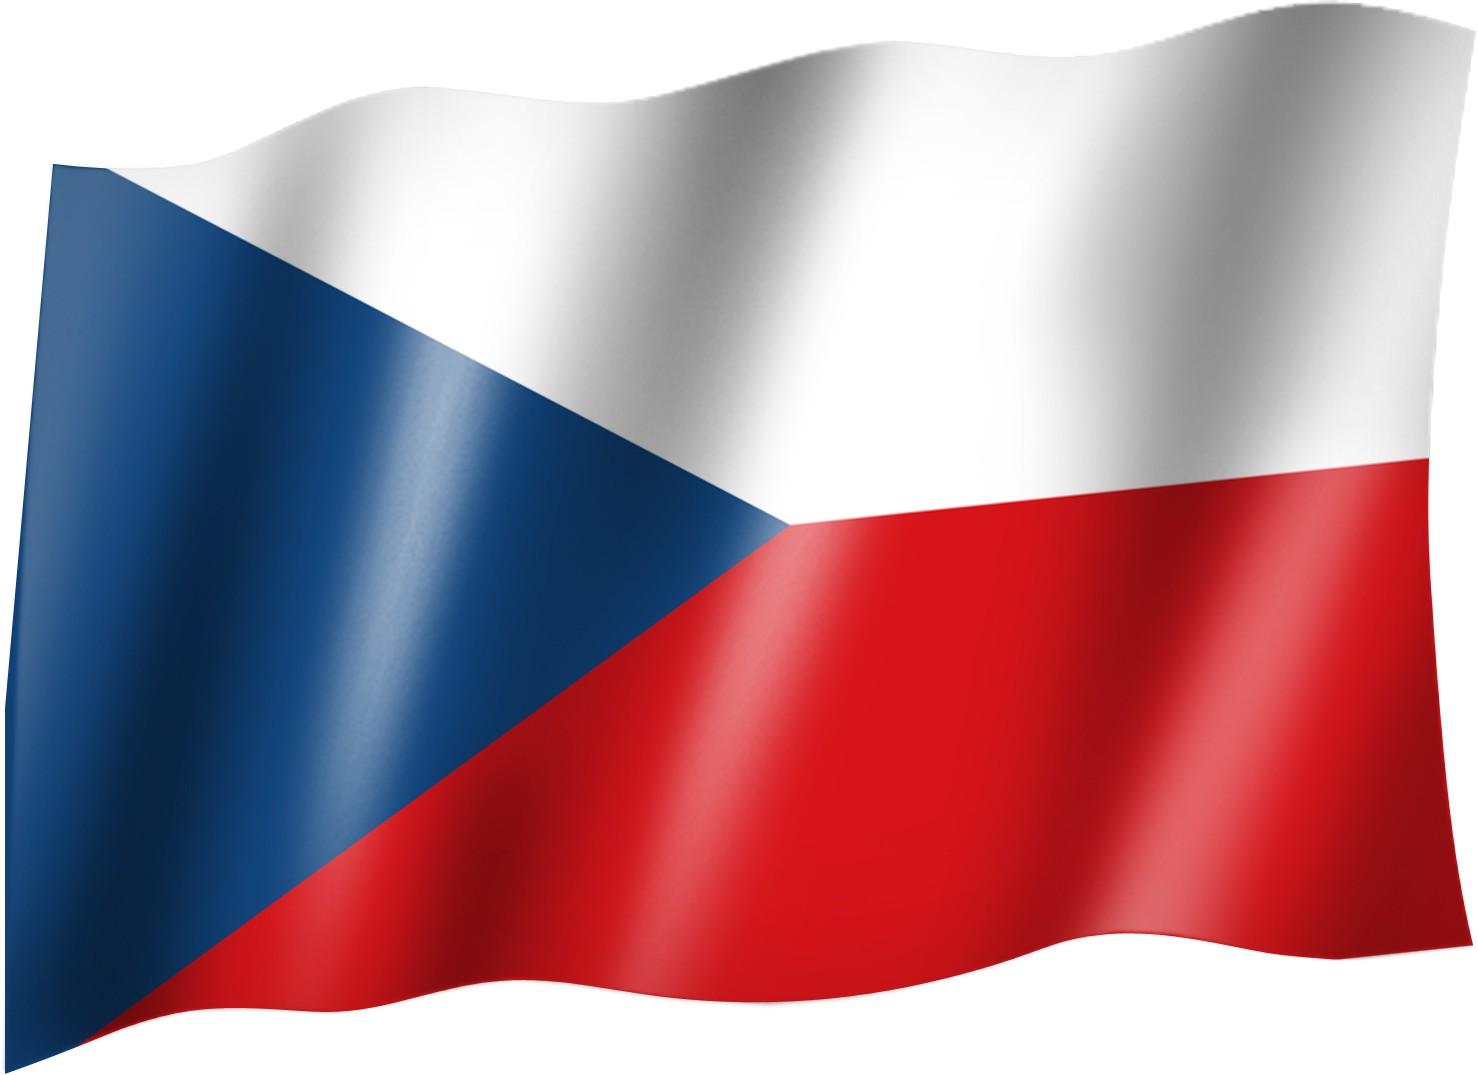 Výsledek obrázku pro klanshop.cz/10981-large_default/statni-vlajka-ceska-republika.jpg